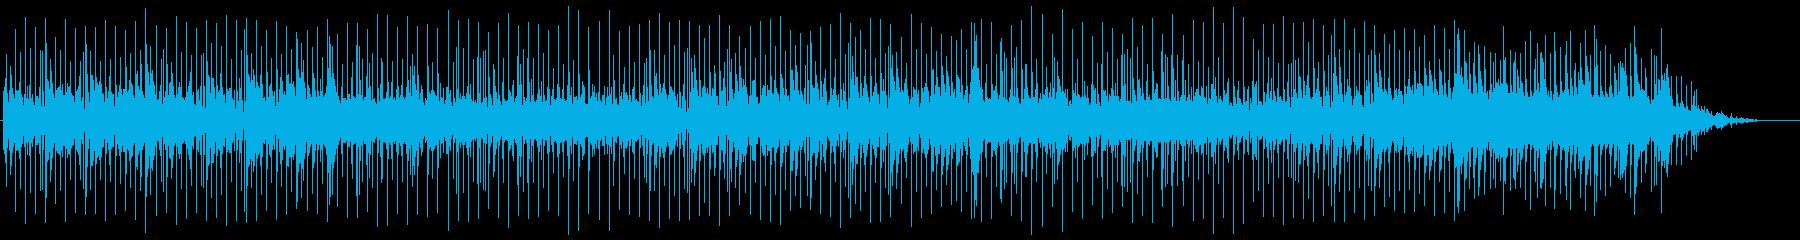 歌謡曲風ほのぼのバラードの再生済みの波形